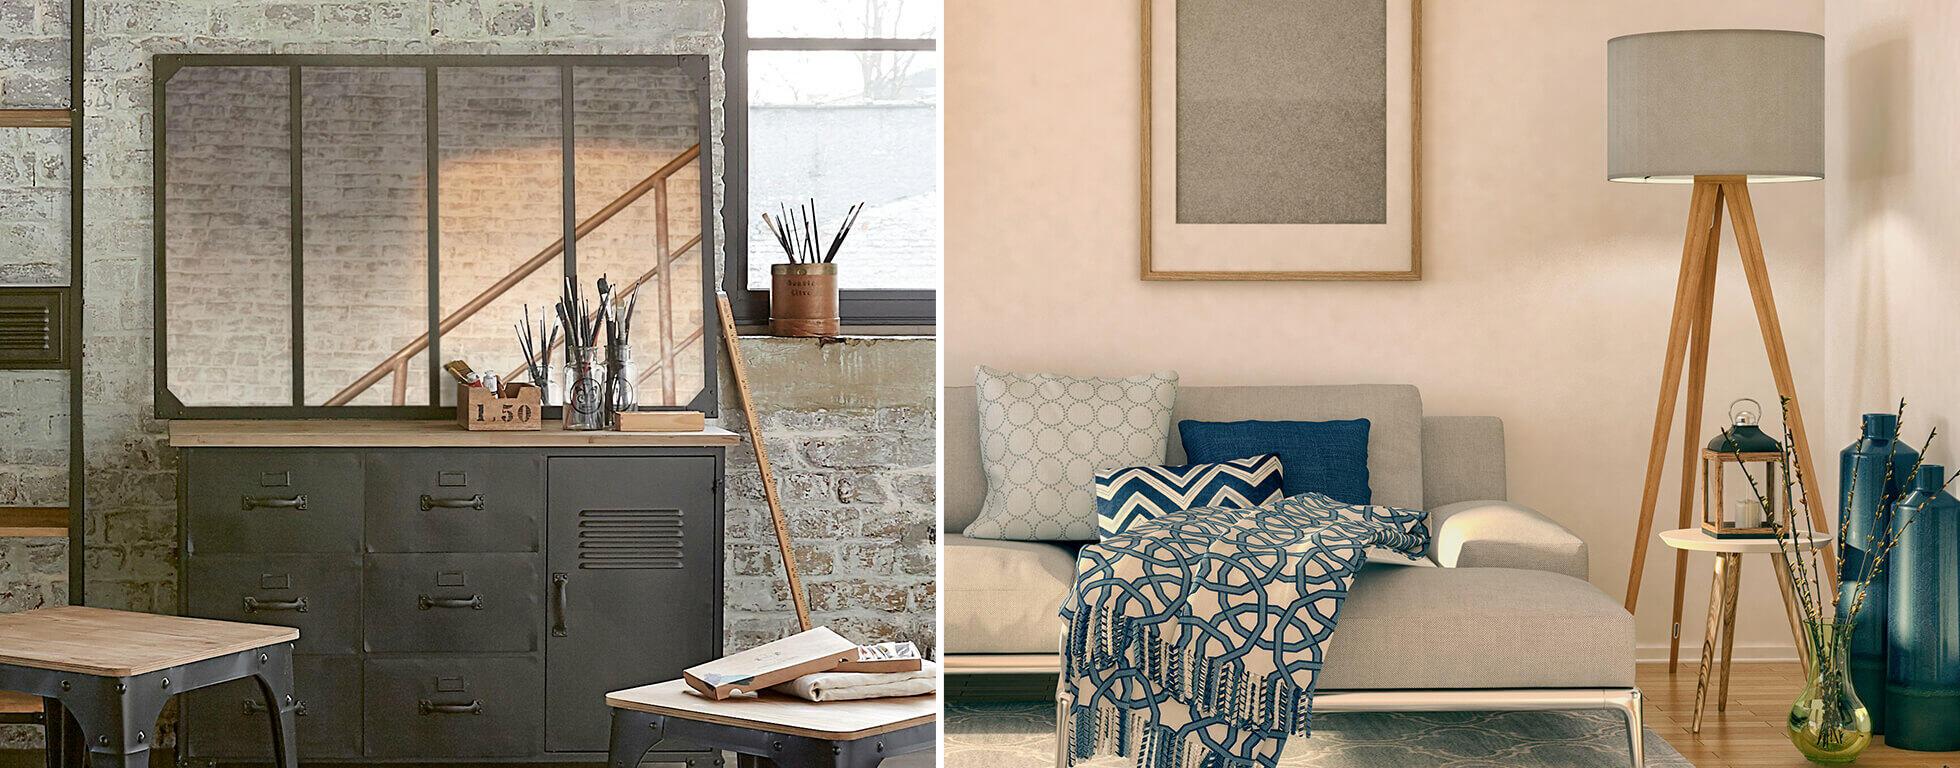 articoli decorativi con uno specchio industriale e tessuti decorativi tendenza